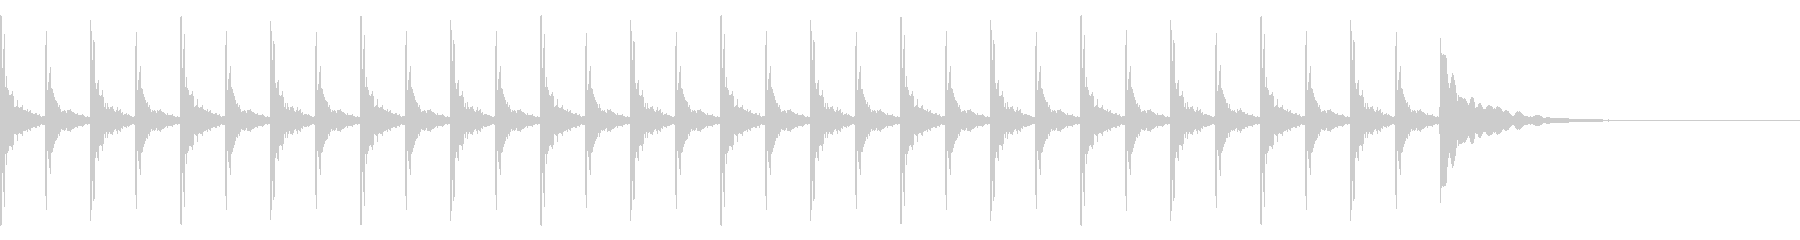 考える/シンキングタイム/クイズ/閃きの未再生の波形